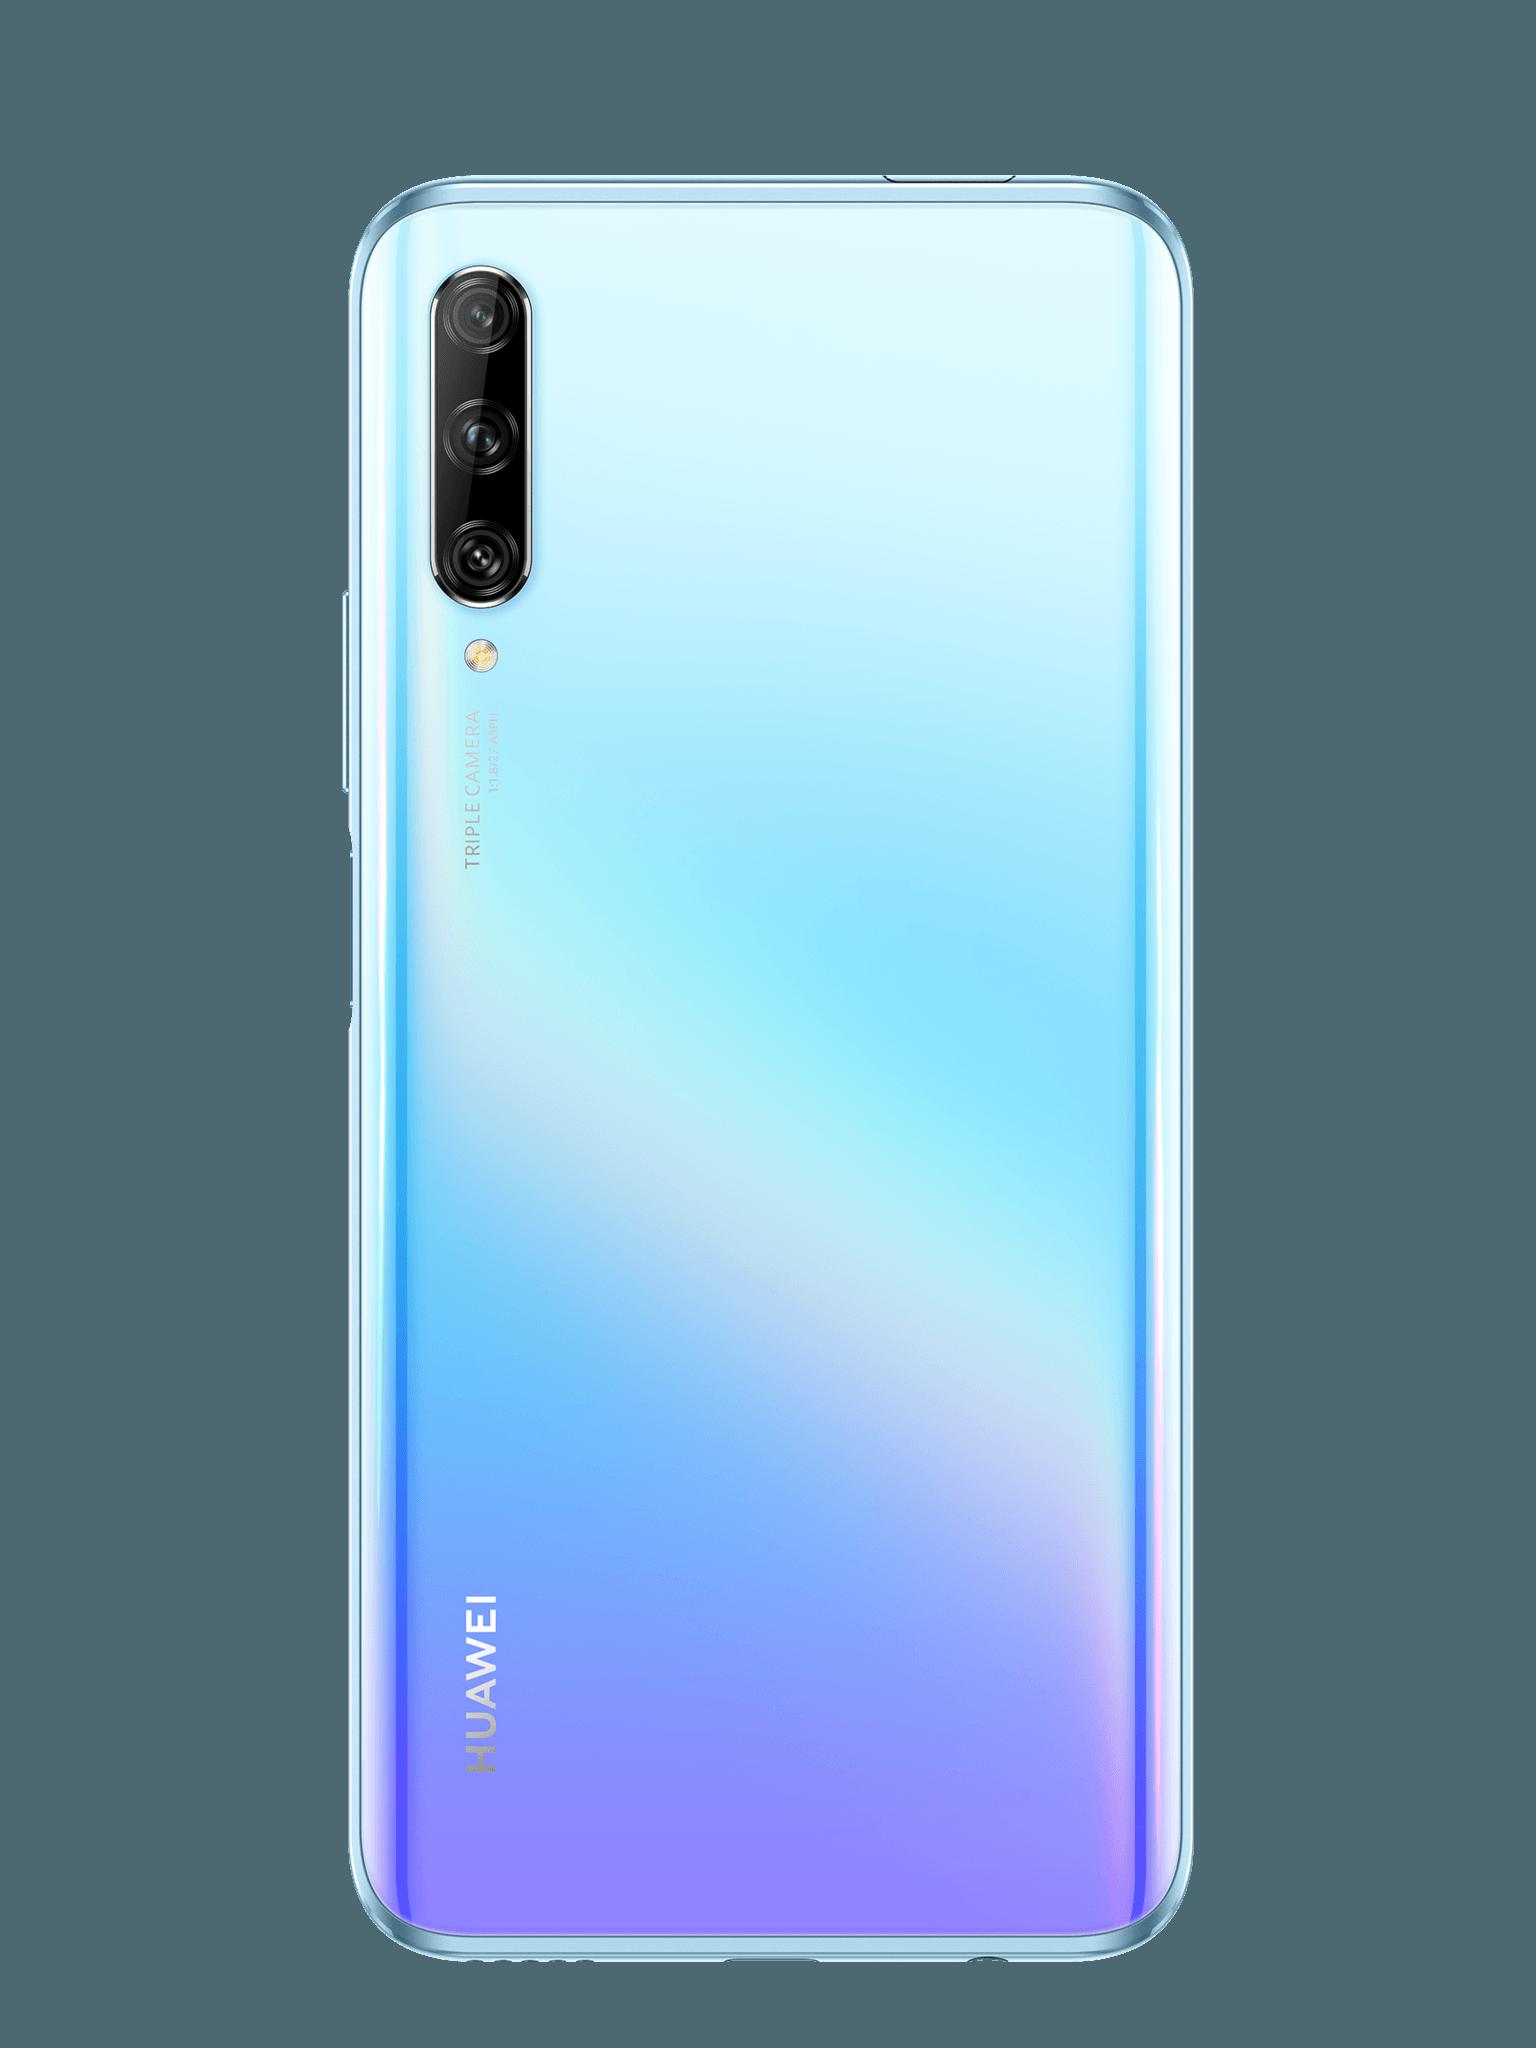 Huawei P Smart 2020 E P Smart Pro: Fotocamera E Performance Da Top Di Gamma Ad Un Prezzo Accessibile 9 - Hynerd.it